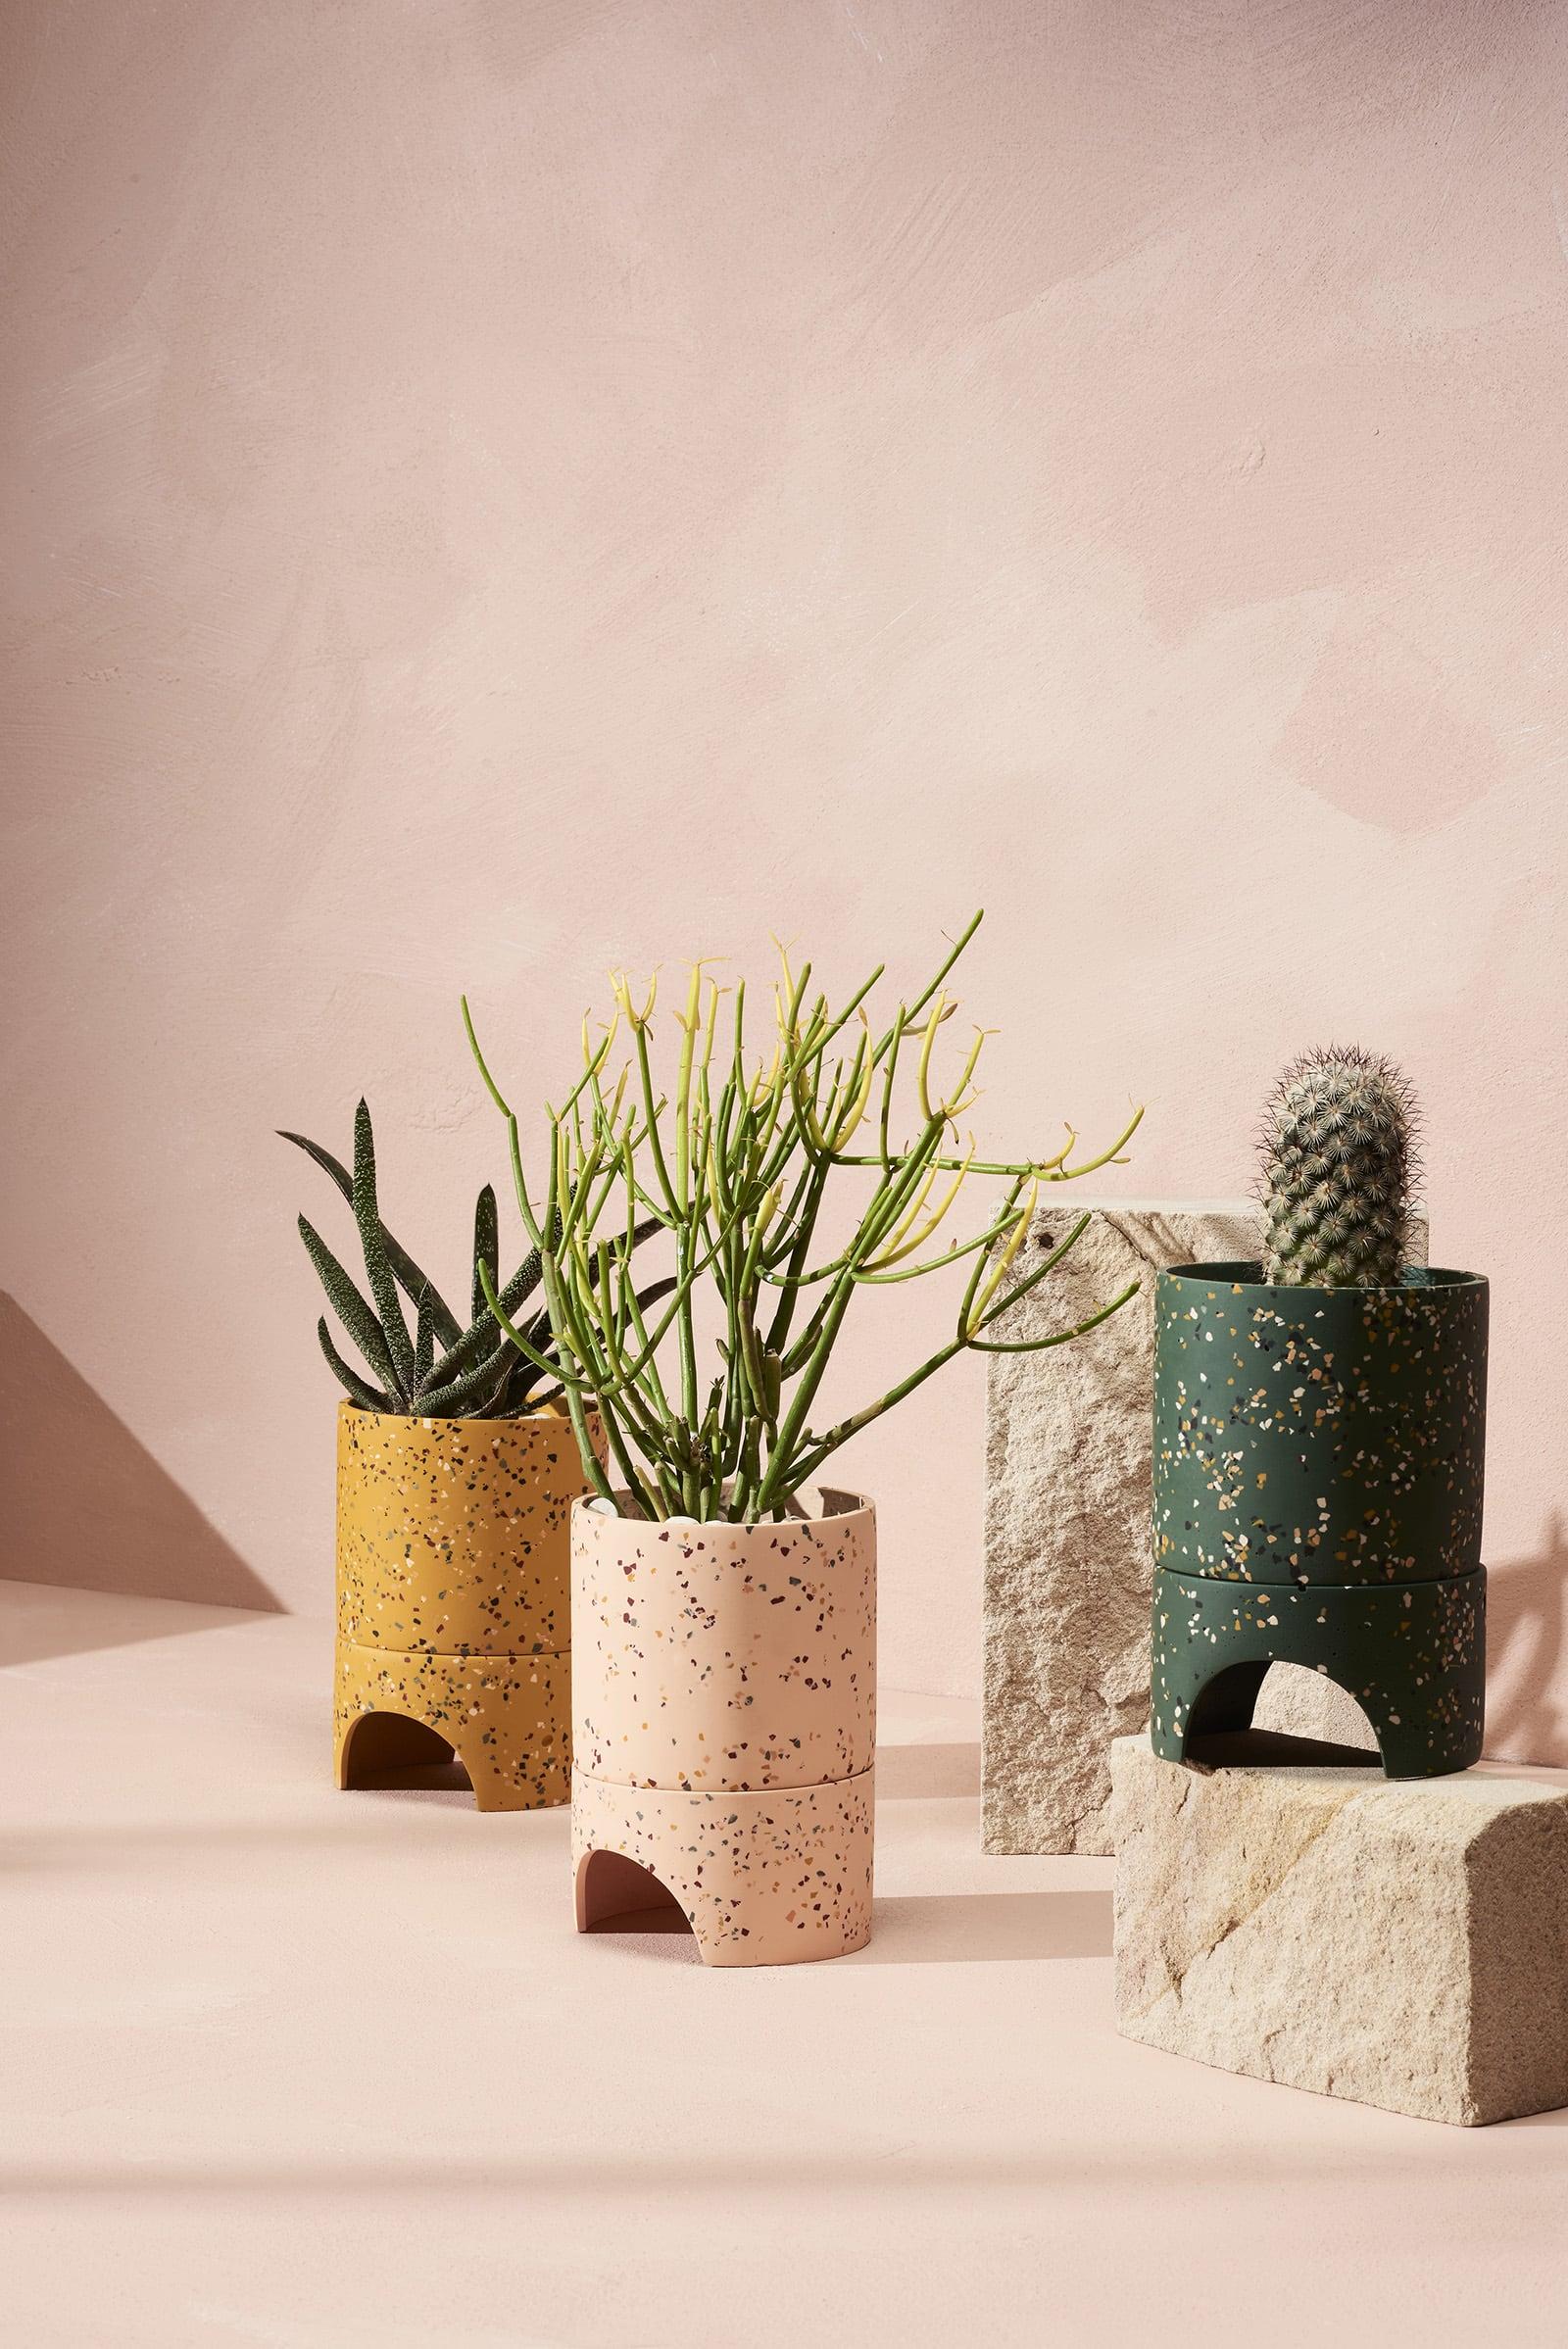 capra designs terrazzo plant pots in terracotta and dark green